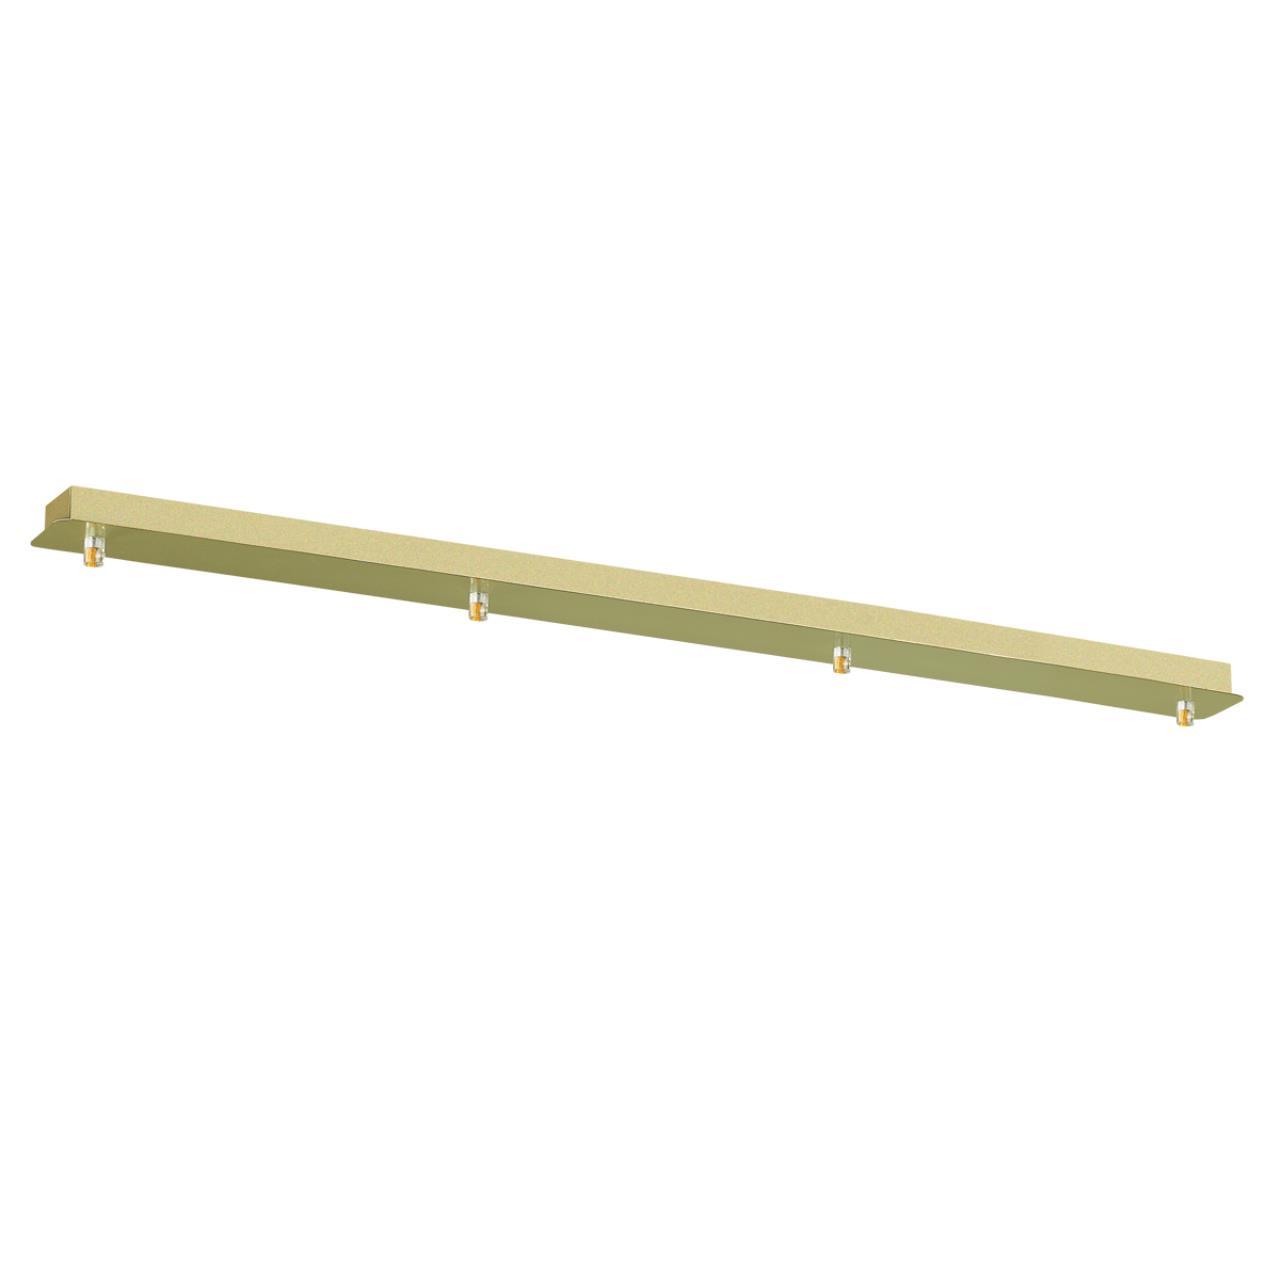 Основание для светильника Lumion 4508/4 Suspentioni